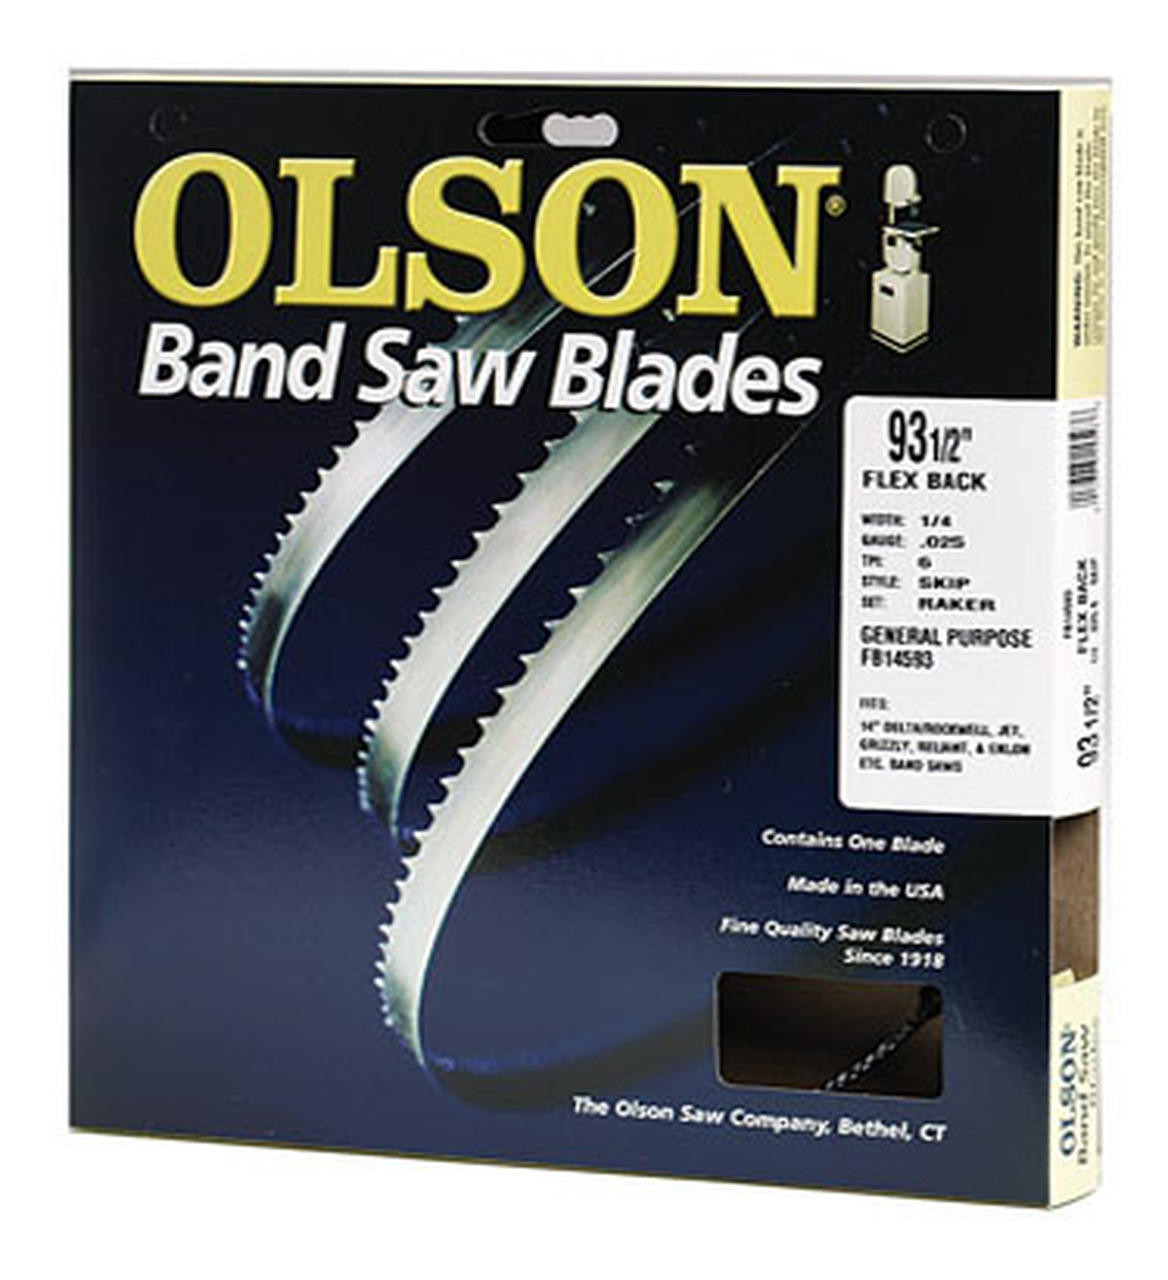 Olson Saw Olson Flex Back Band Saw Blade 93-1/2 x 1/4 6tpi